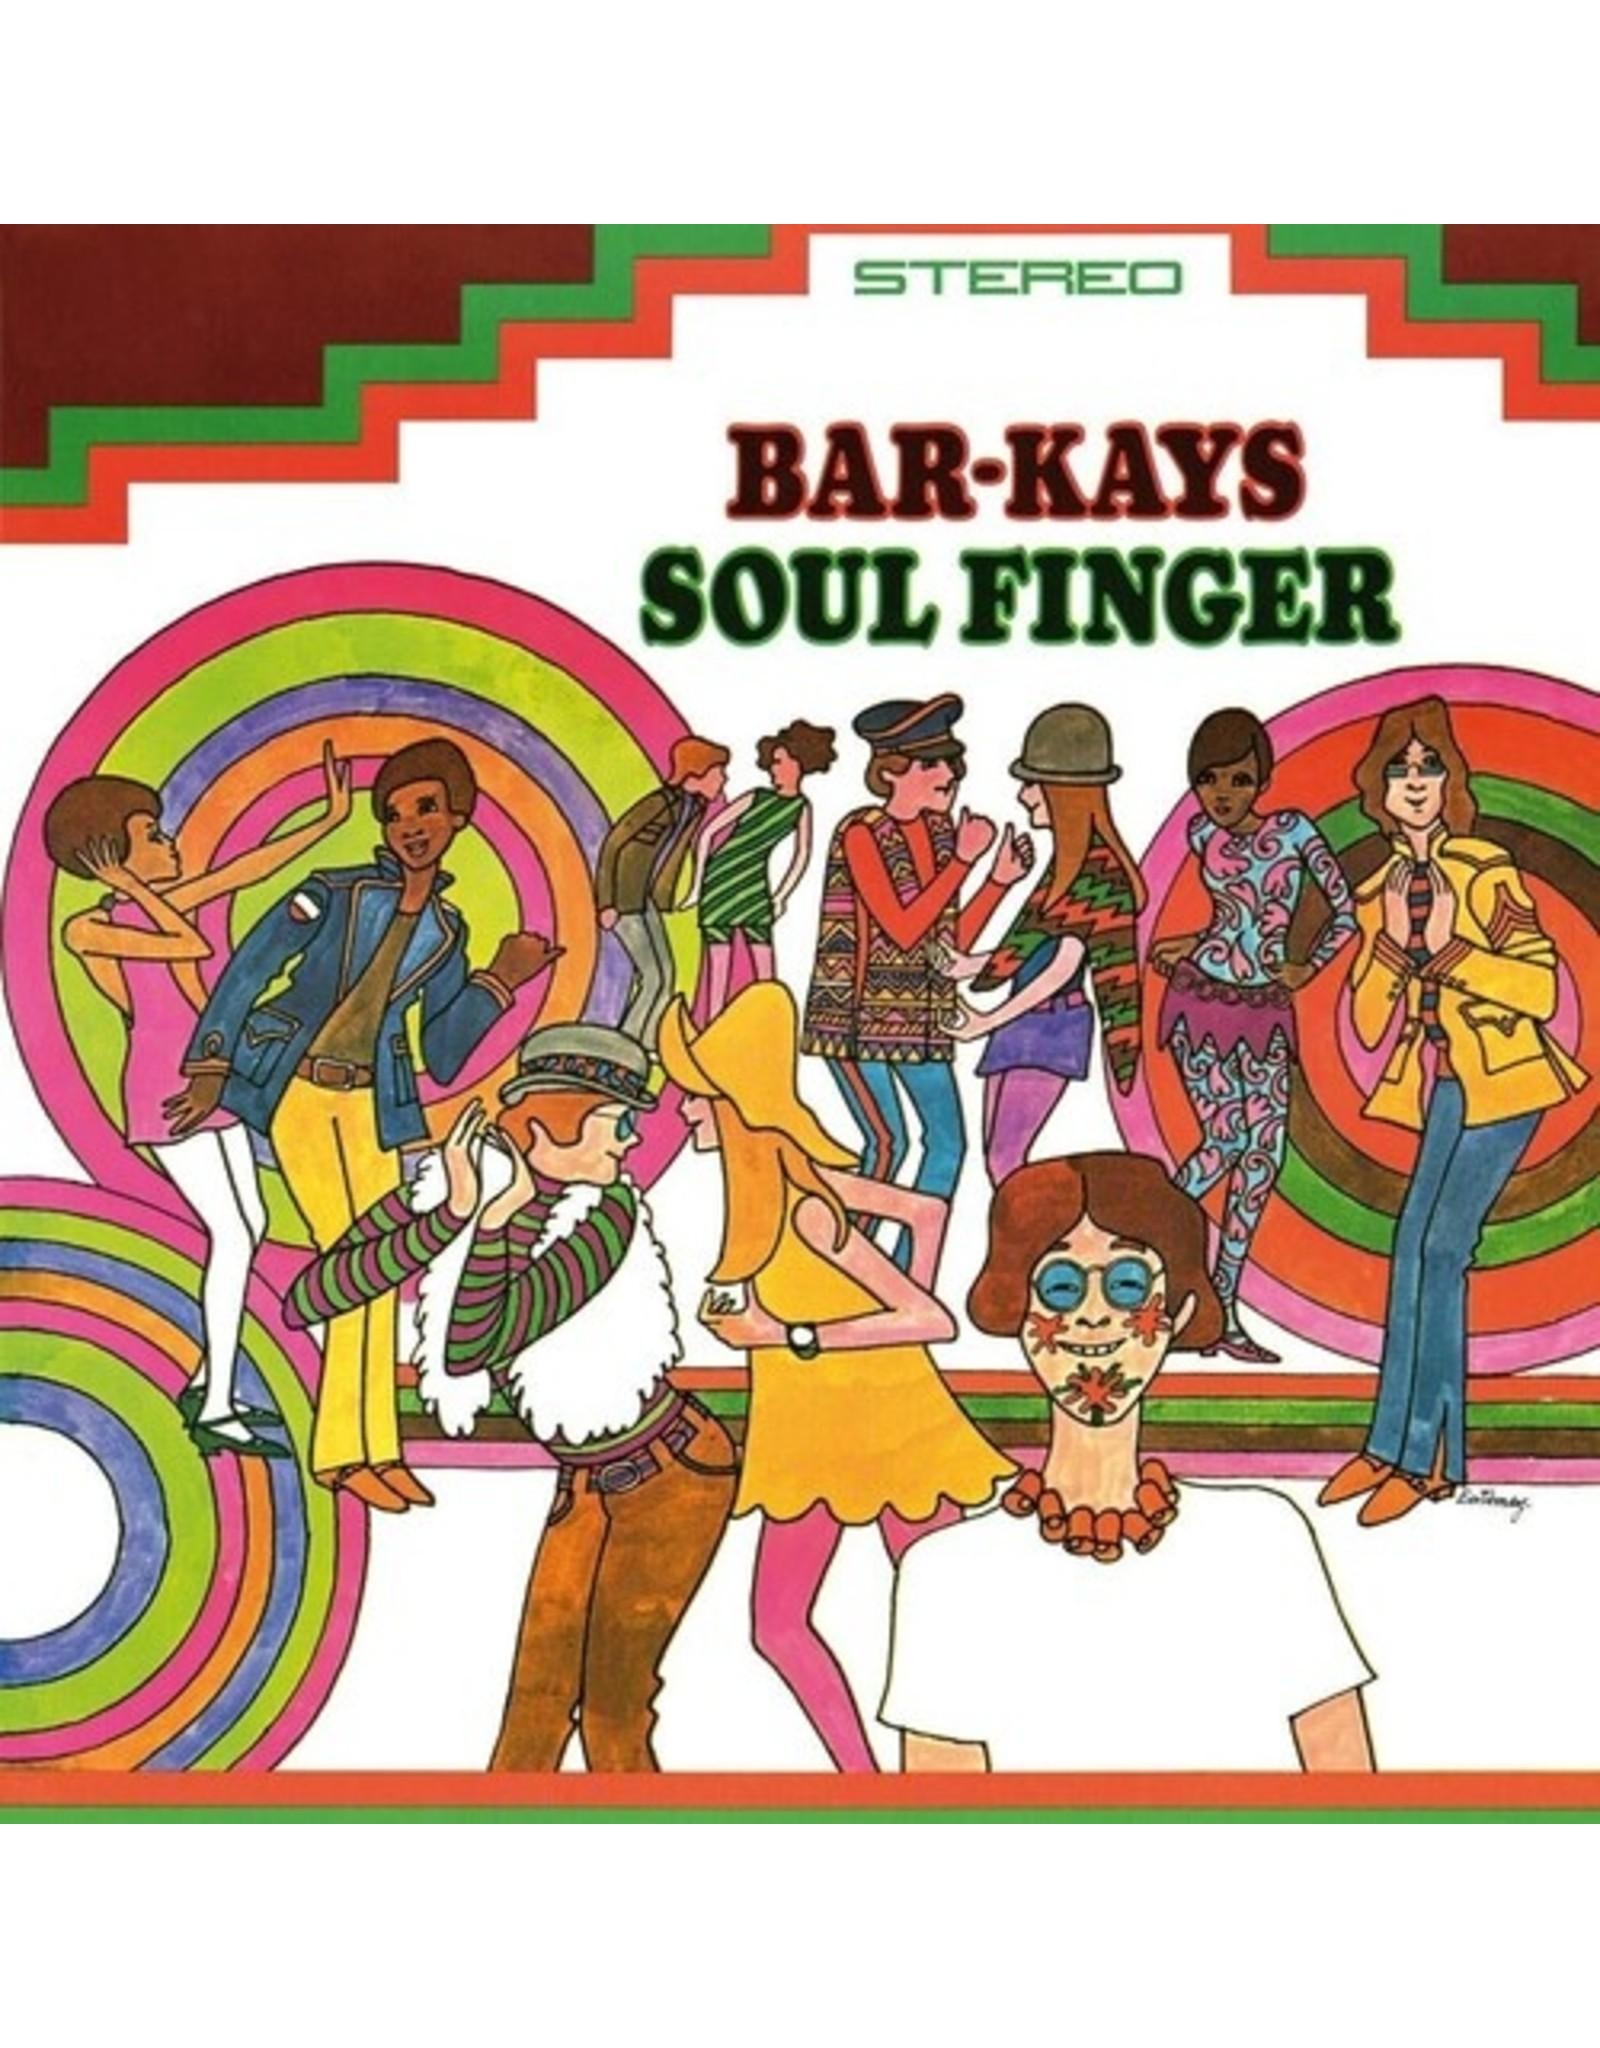 The Bar-Kays - Soul Finger LP